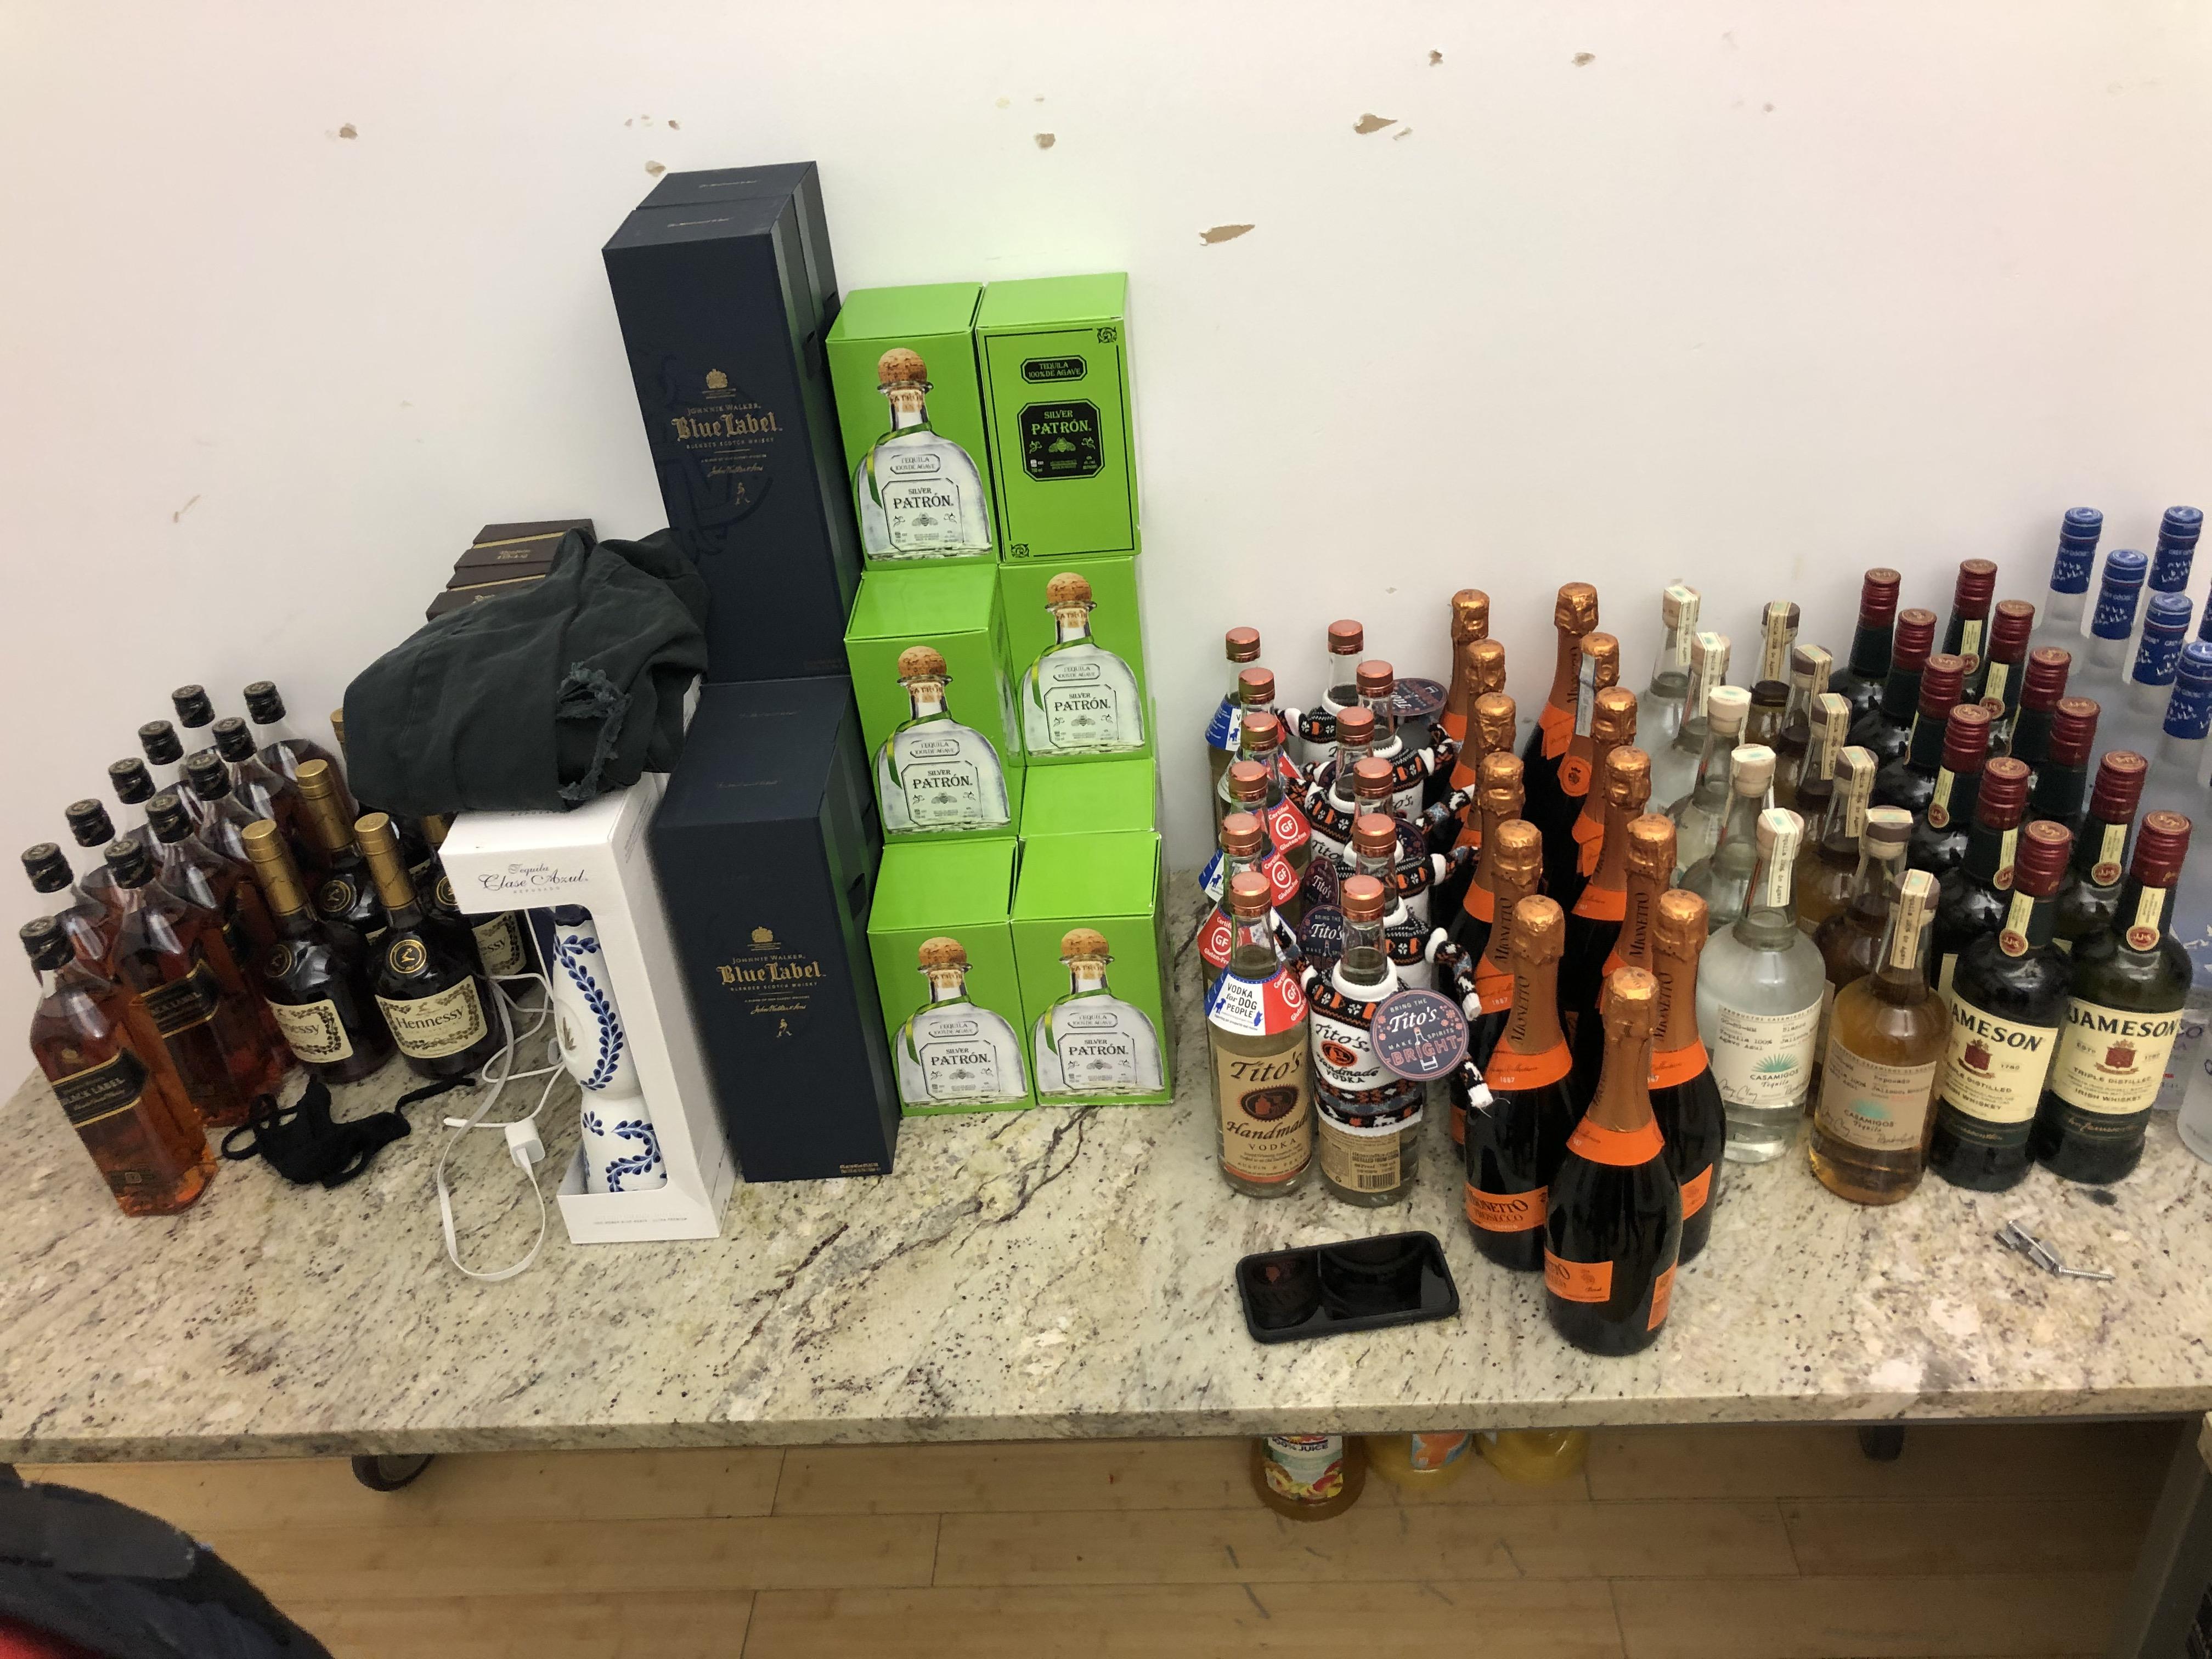 當局在曼哈頓中城一個派對現場繳獲大量酒精飲品。  紐約市警長辦公室圖片